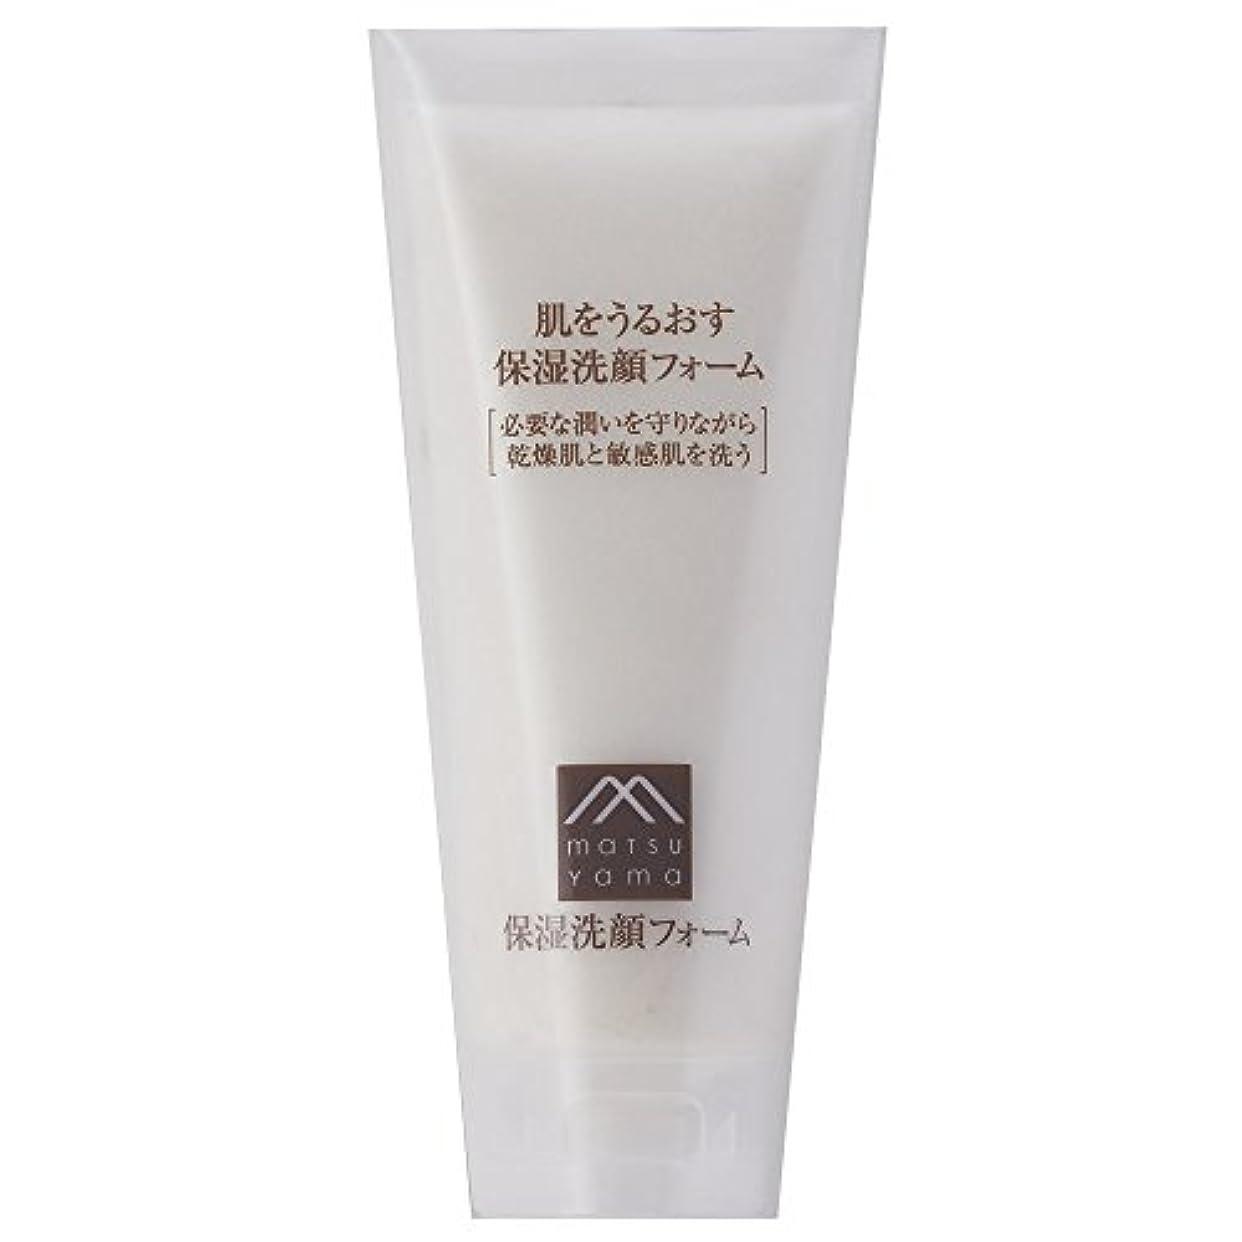 思いやりルーチン妊娠した肌をうるおす保湿洗顔フォーム(洗顔料) [乾燥肌 敏感肌]